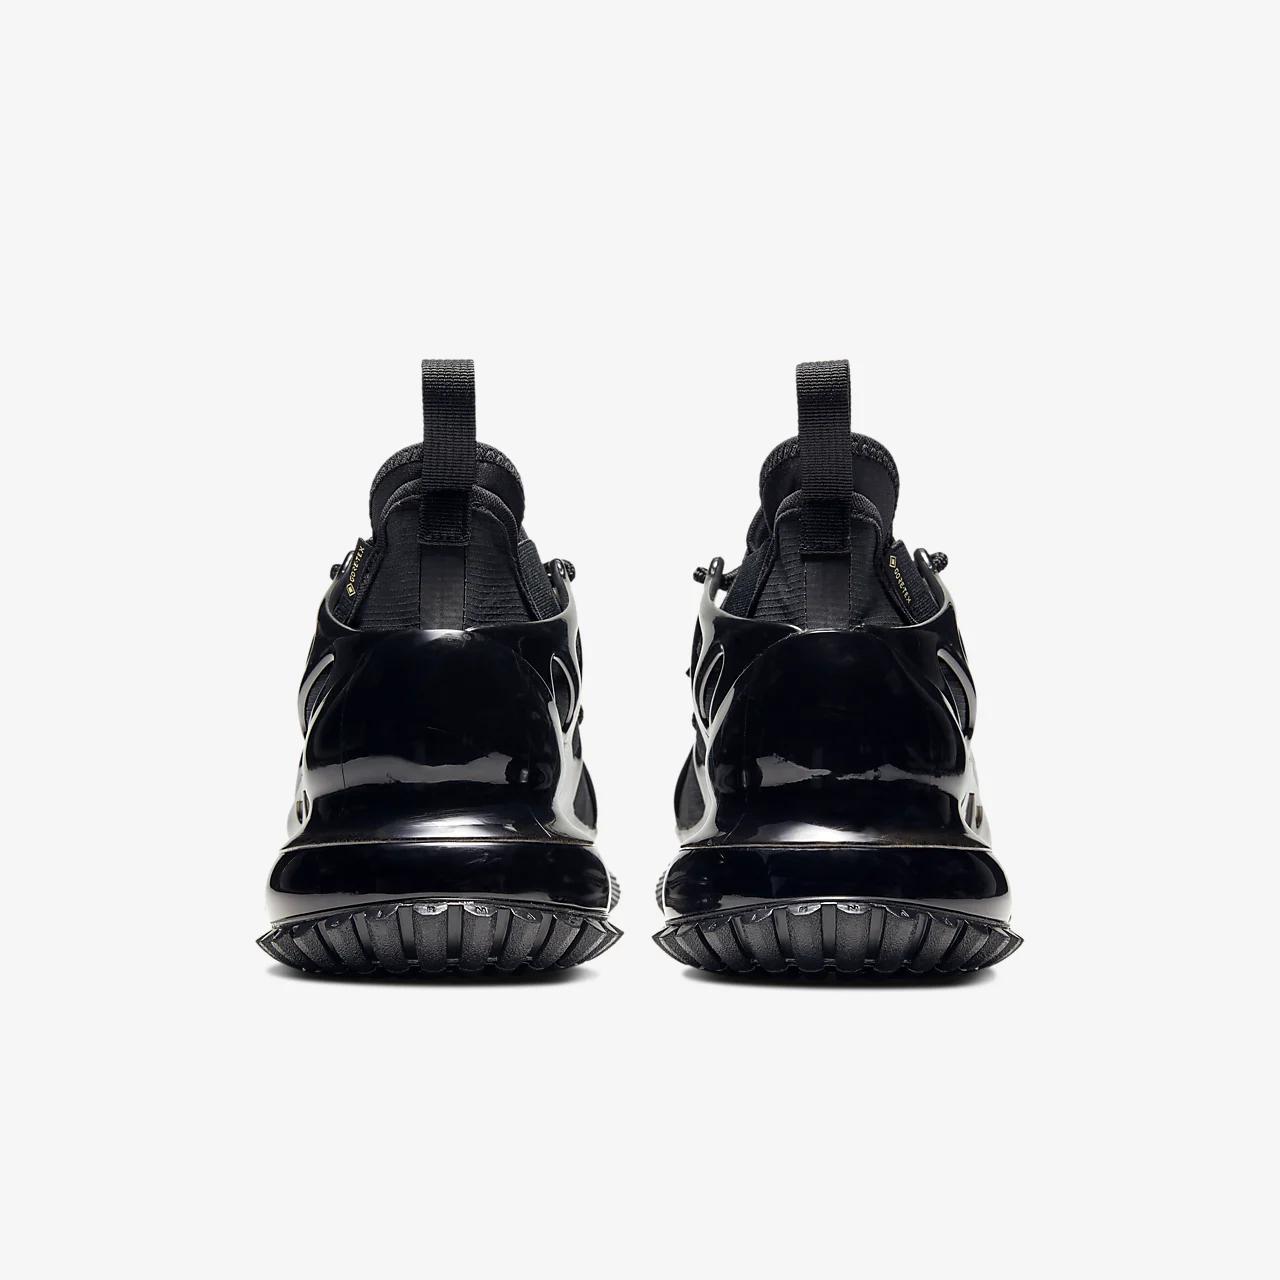 나이키 에어 맥스 720 허라이즌 남성 신발 BQ5808-002